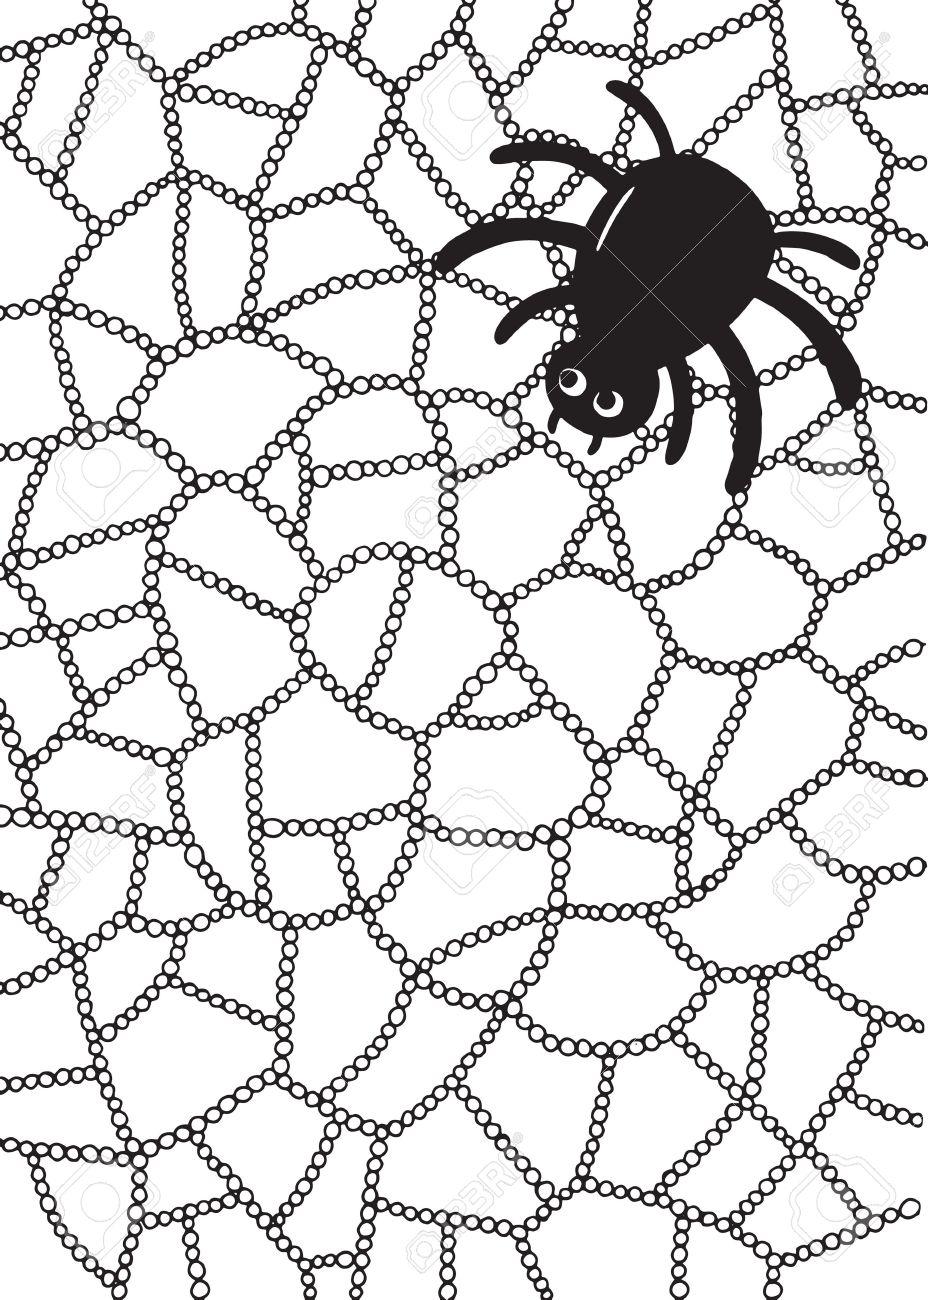 Dibujo Para Colorear Con Araña Y Tela En Gotas De Agua O Gotas De